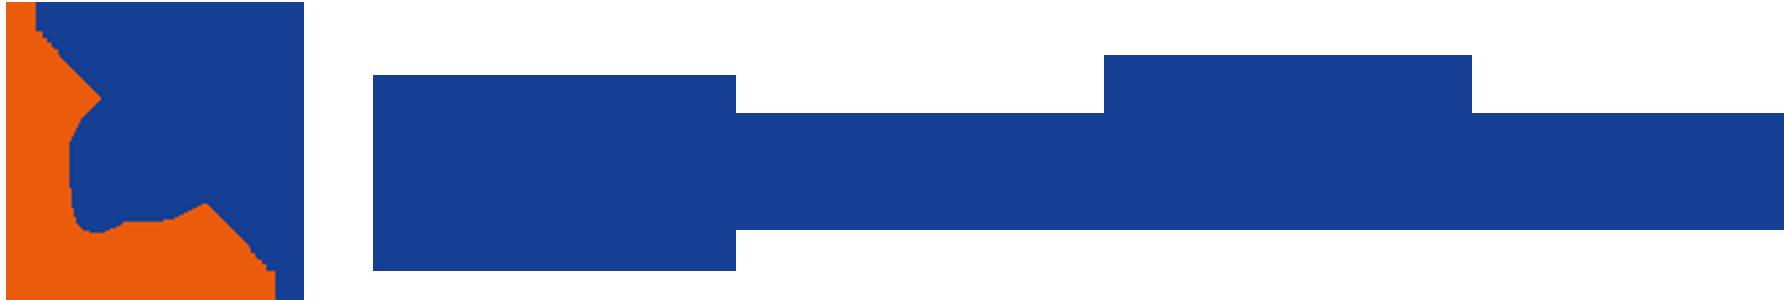 Московский Кредитный Банк  денежные вклады услуги